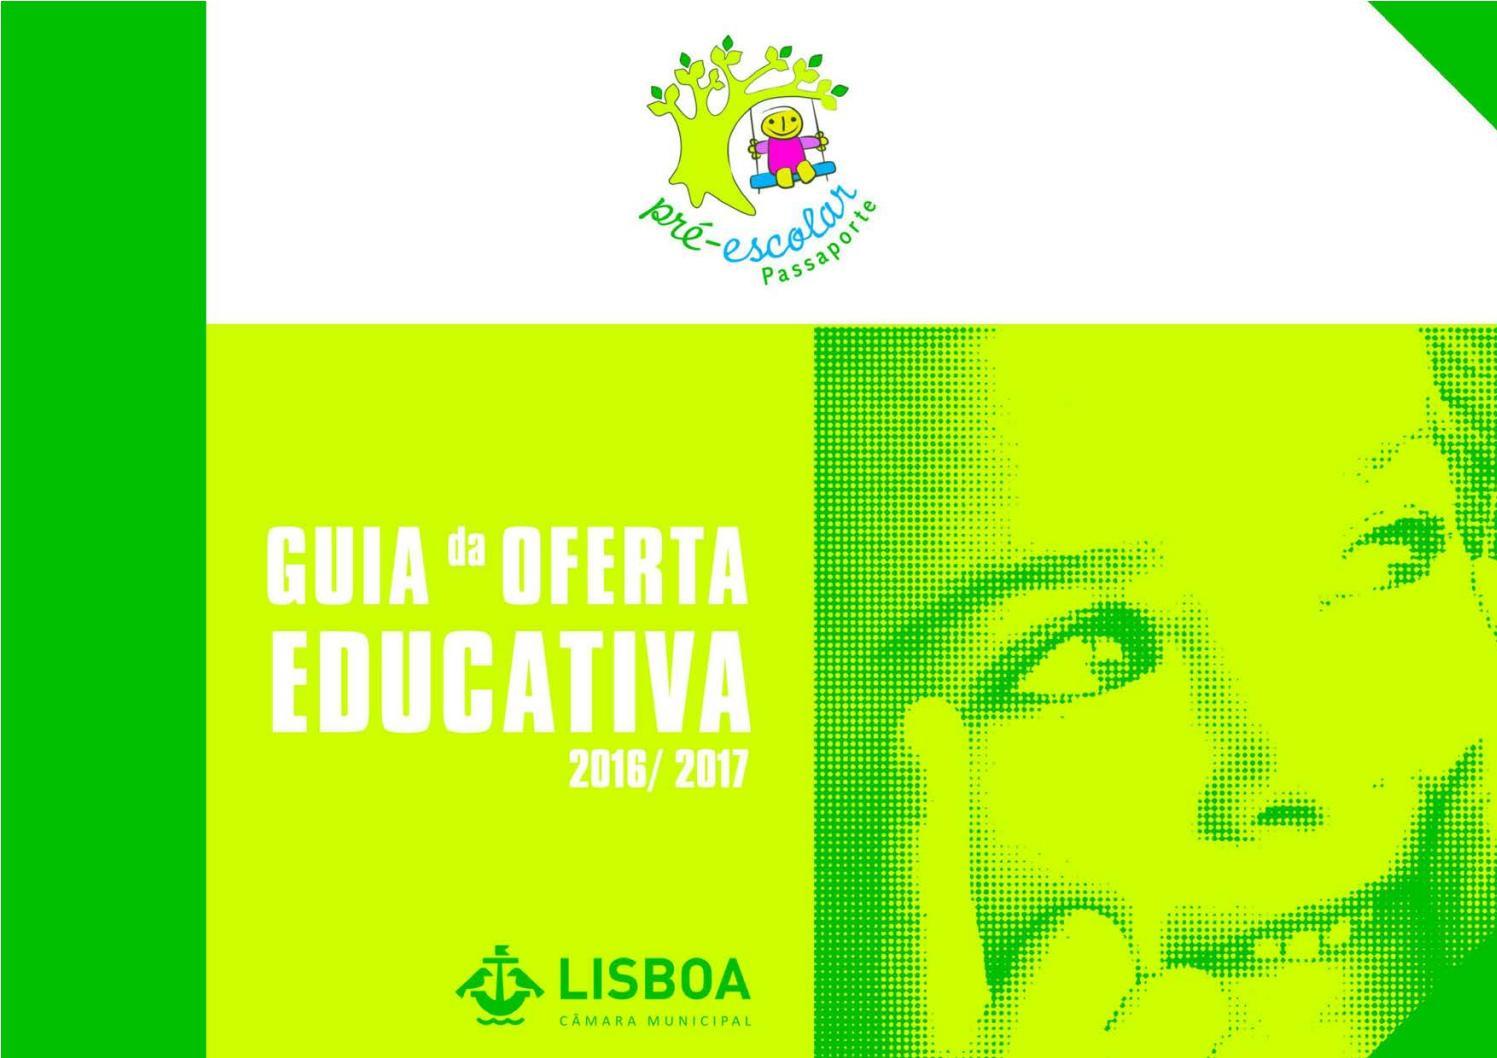 5fad221c9ed68 Guia de oferta educativa passaporte pré escolar 2016 2017 1.ª edição by  Câmara Municipal de Lisboa - issuu